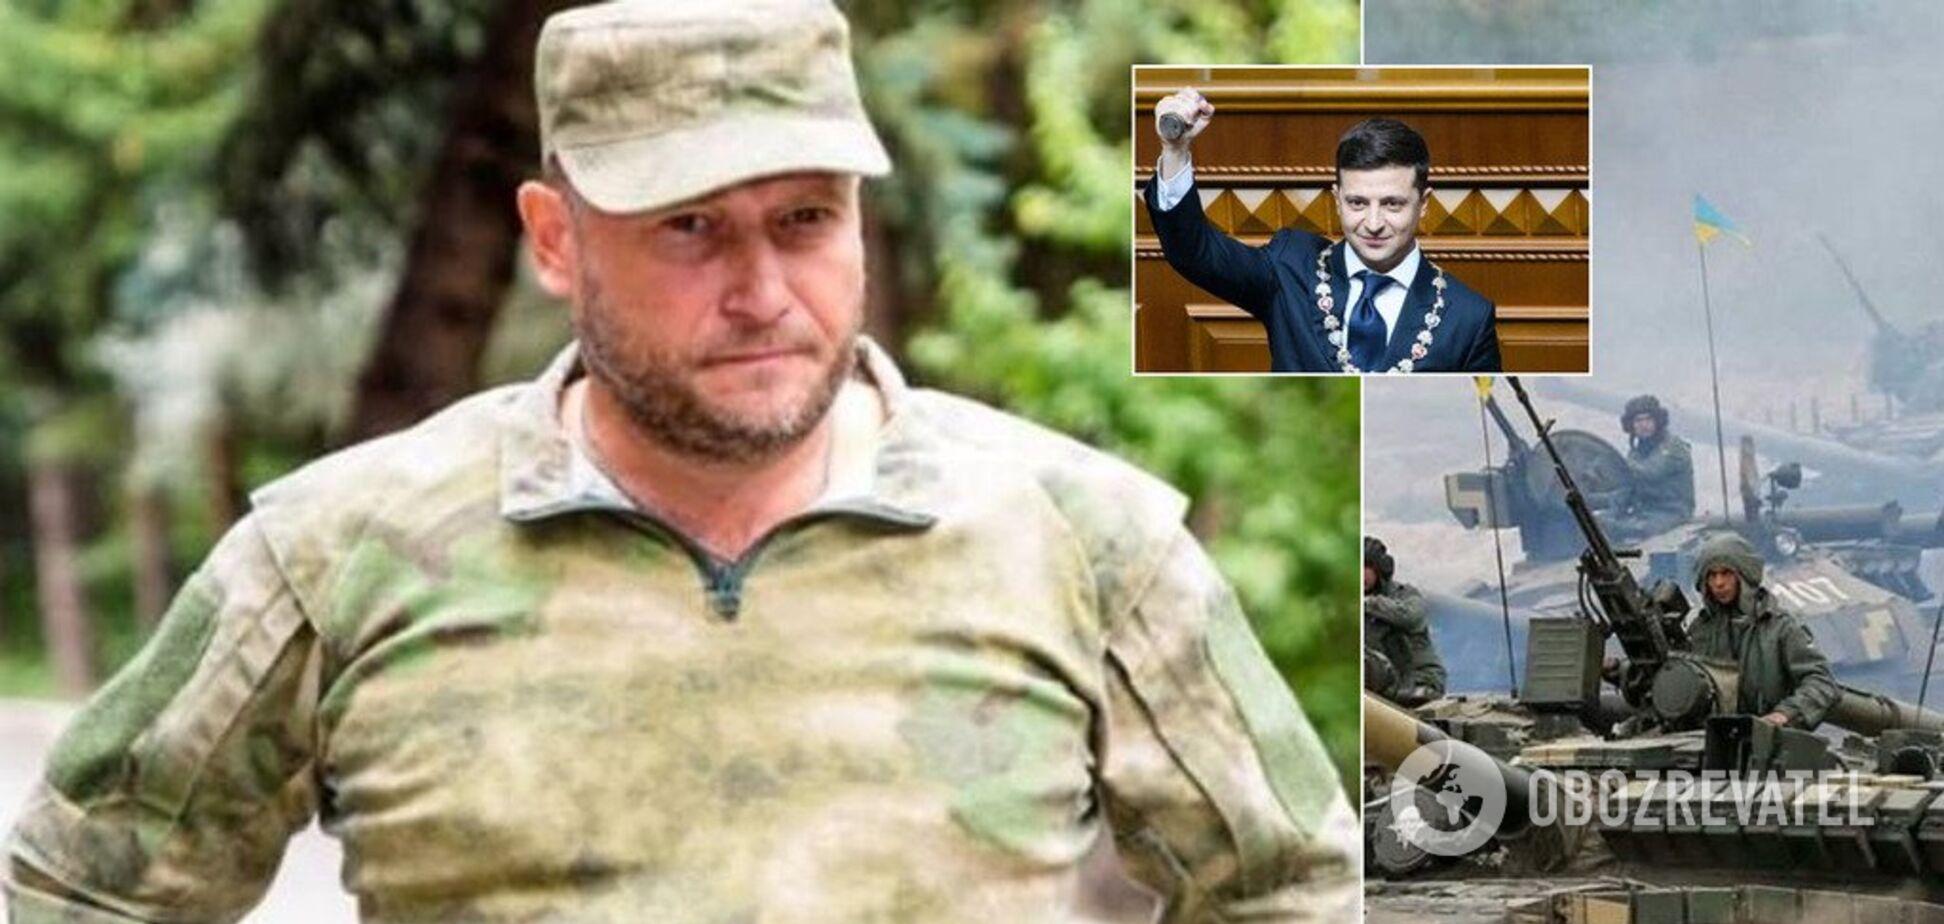 Ярош: якщо Зеленський зрадить Україну — втратить не посаду, а життя